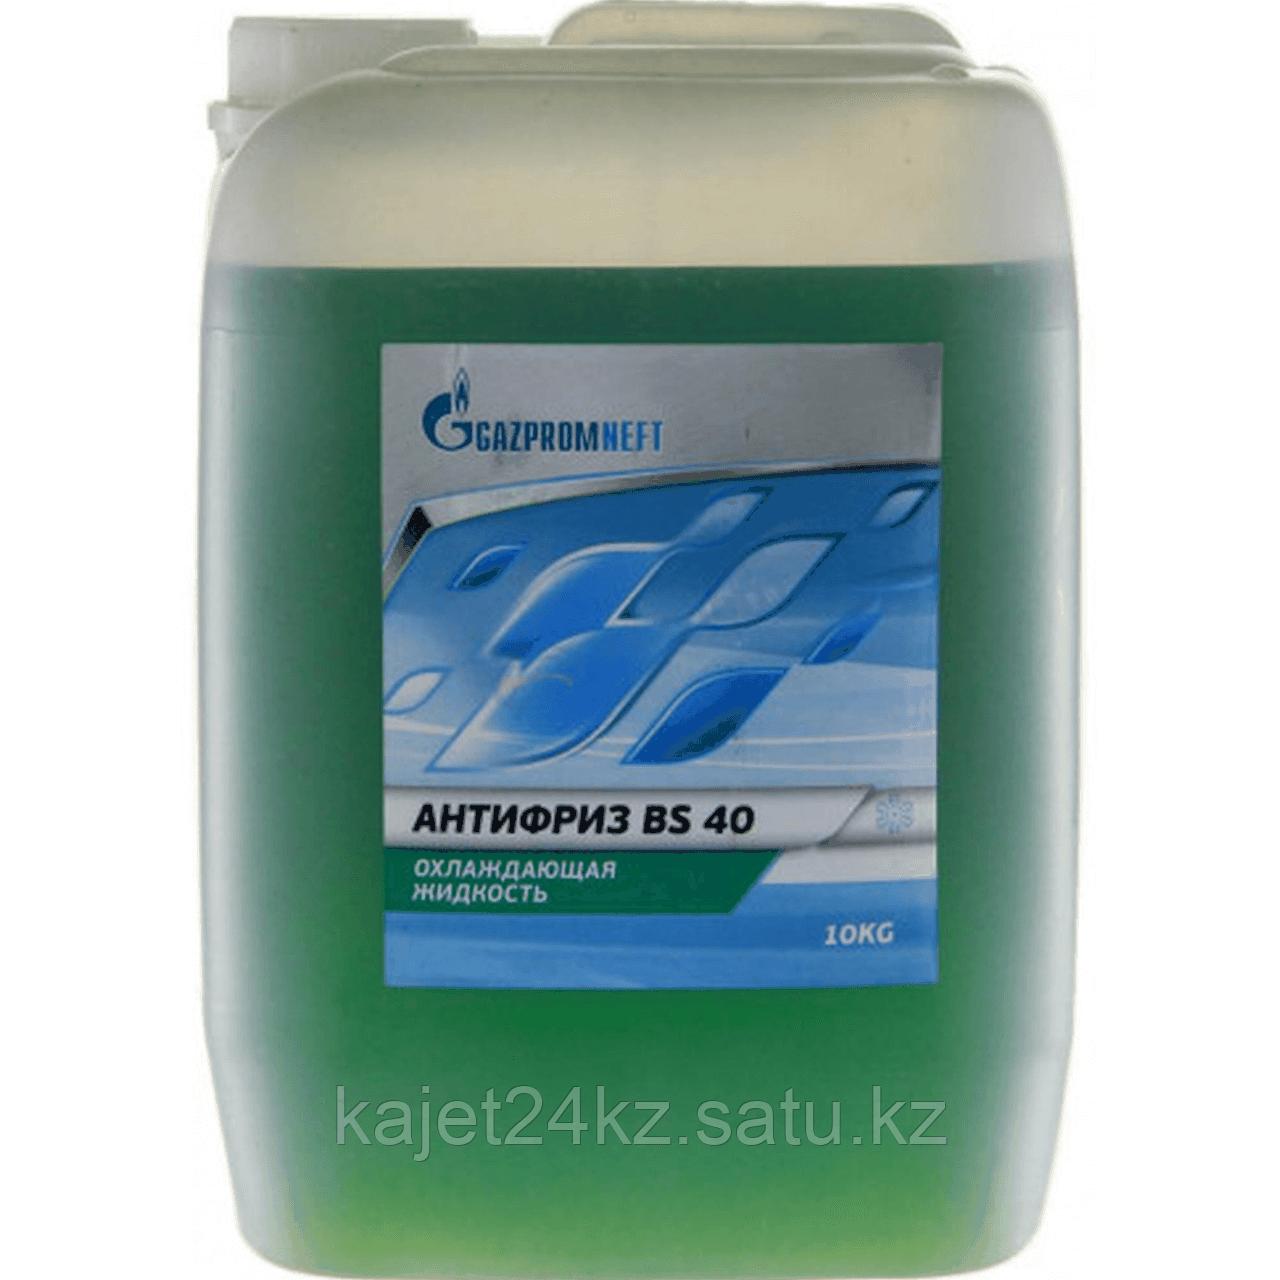 Антифриз 40 ОЖ (BS) зел. 10кг Газпромнефть